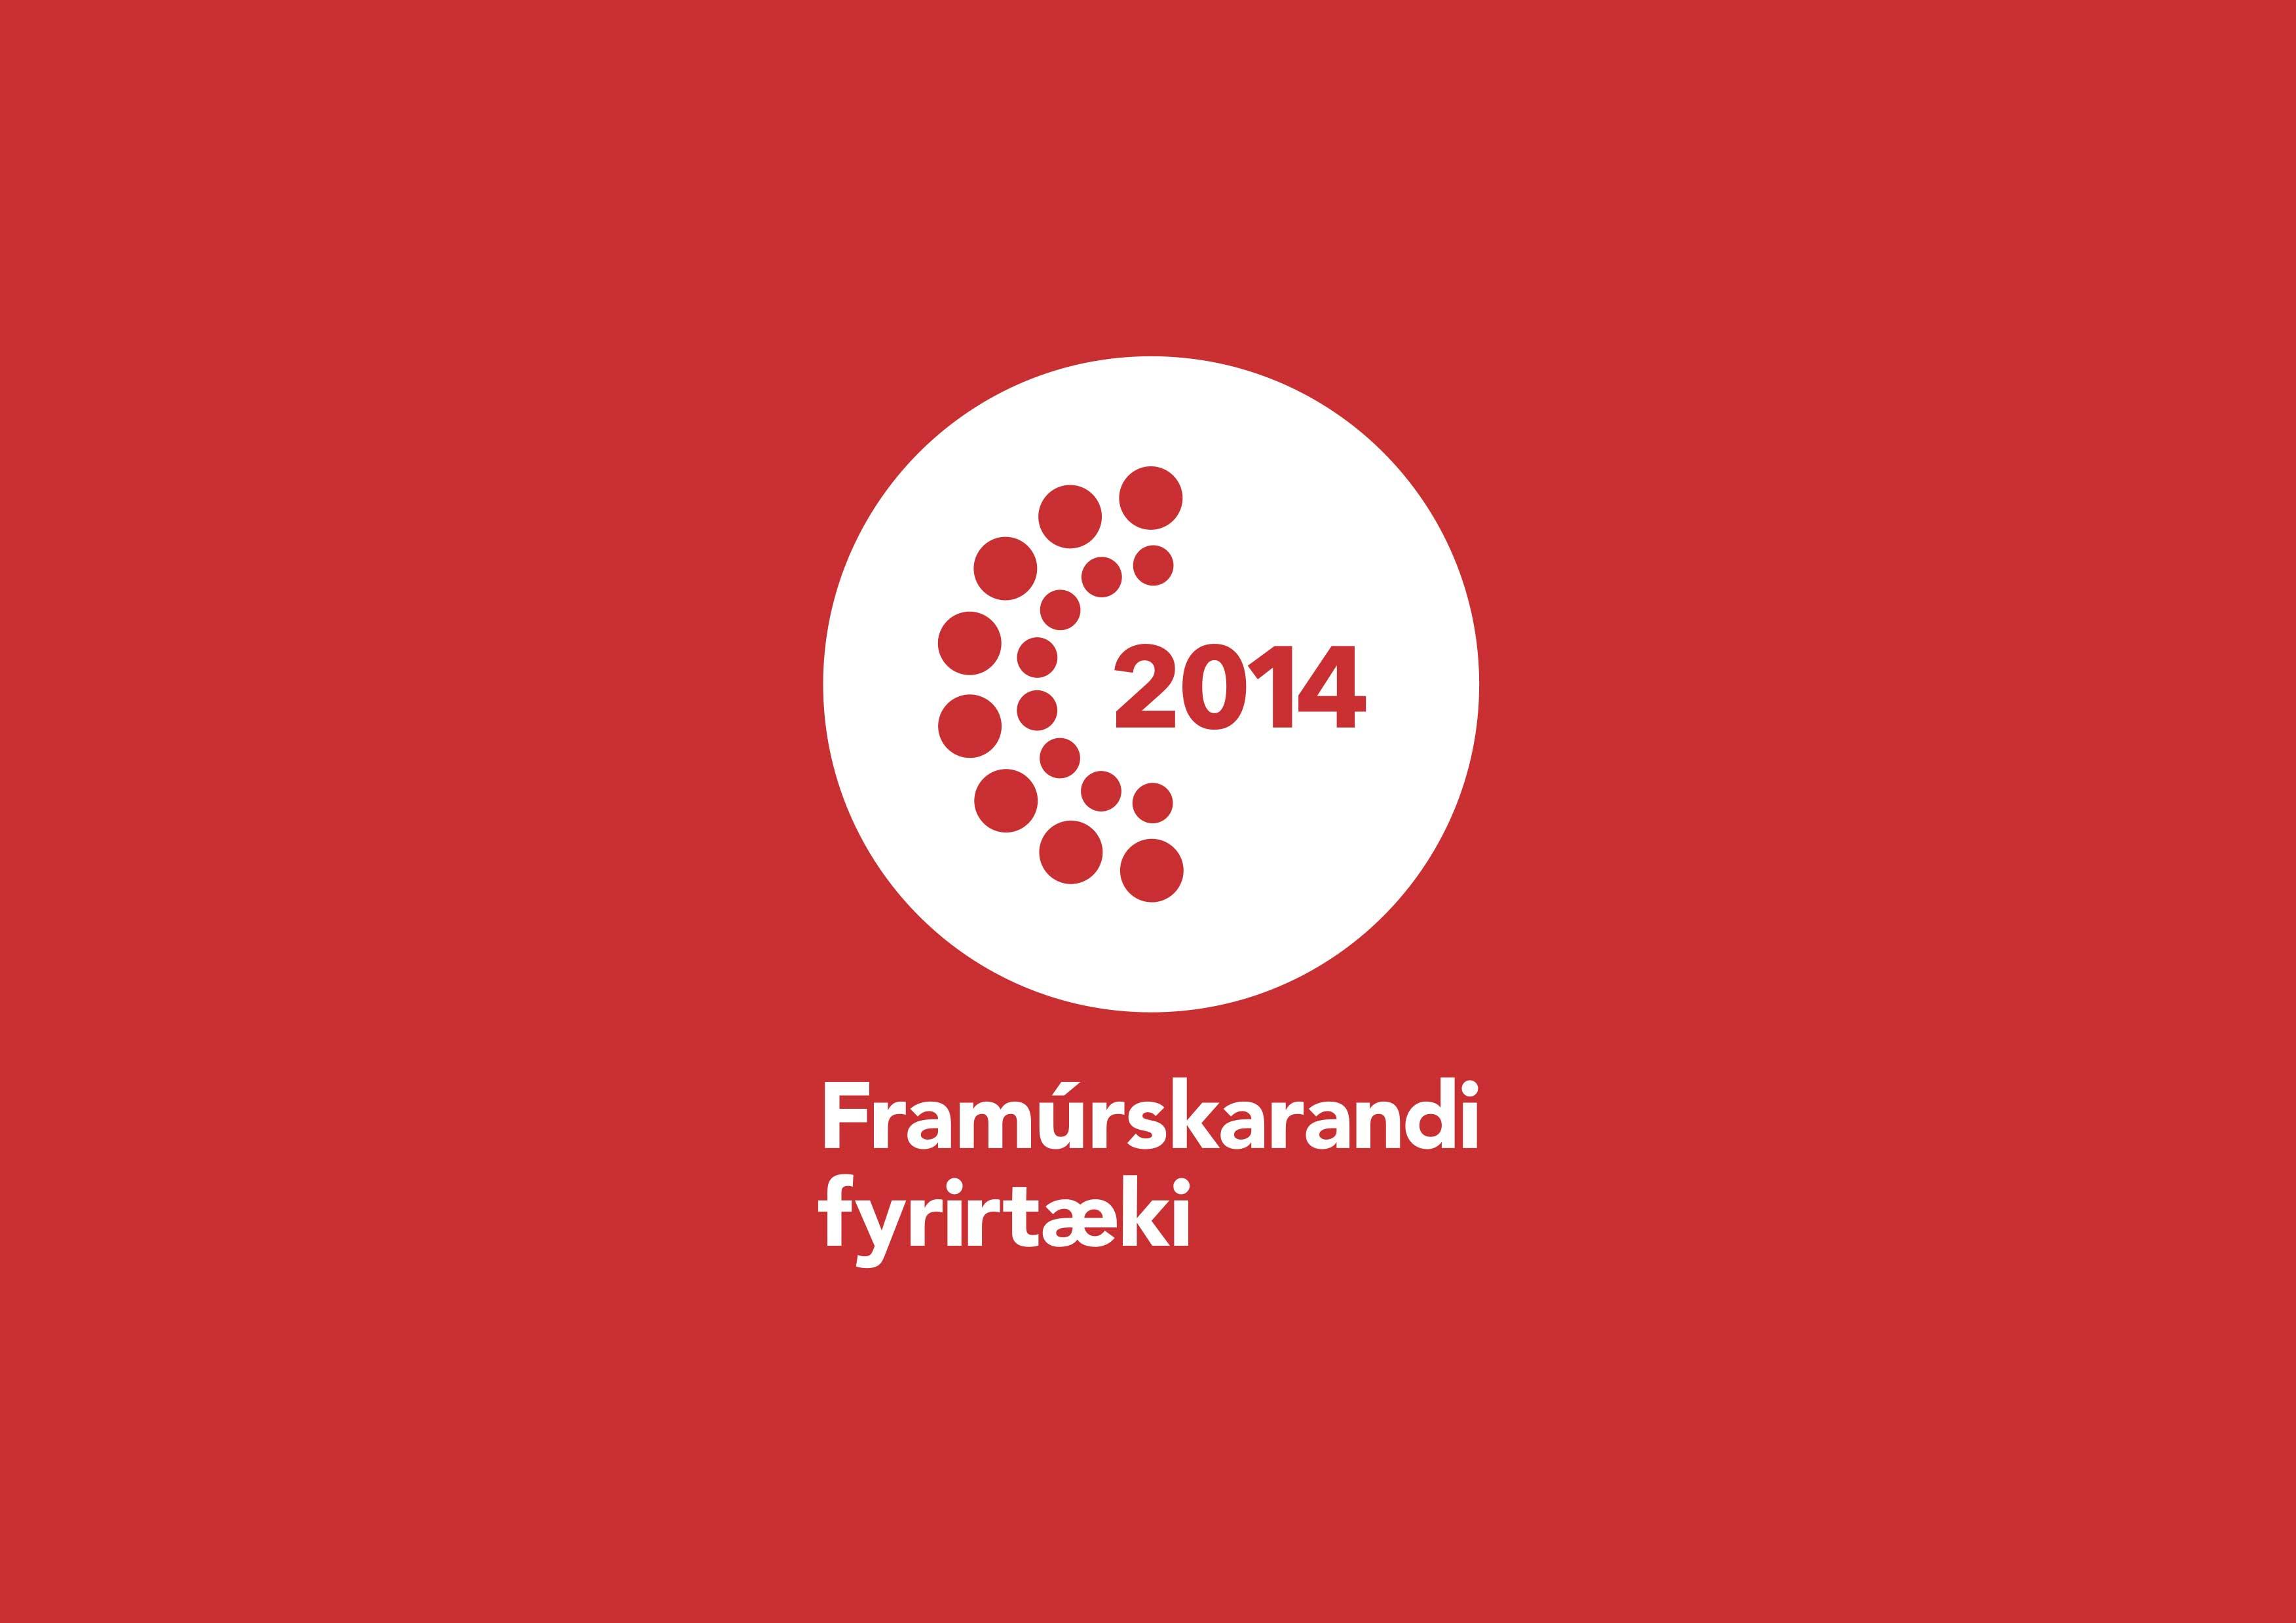 Framúrskarandi Fyrirtæki 2014